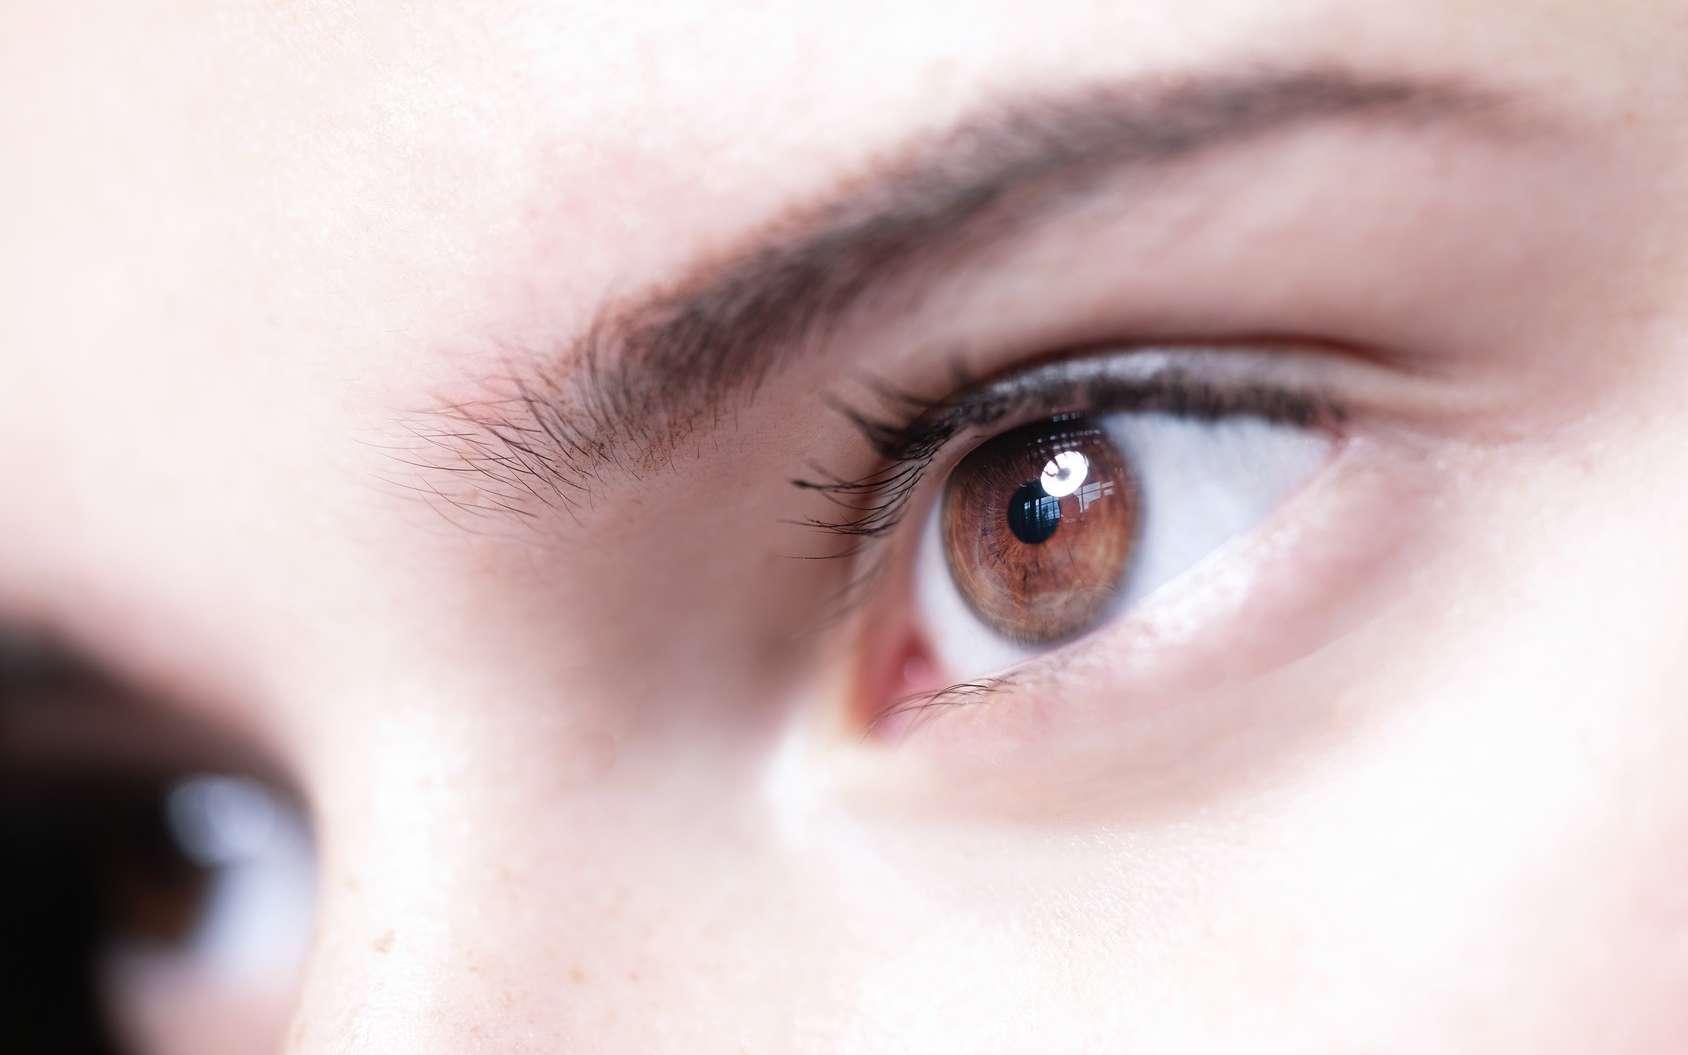 Les yeux marron seraient plus à risque pour la dépression saisonnière. © stockaboo, Fotolia